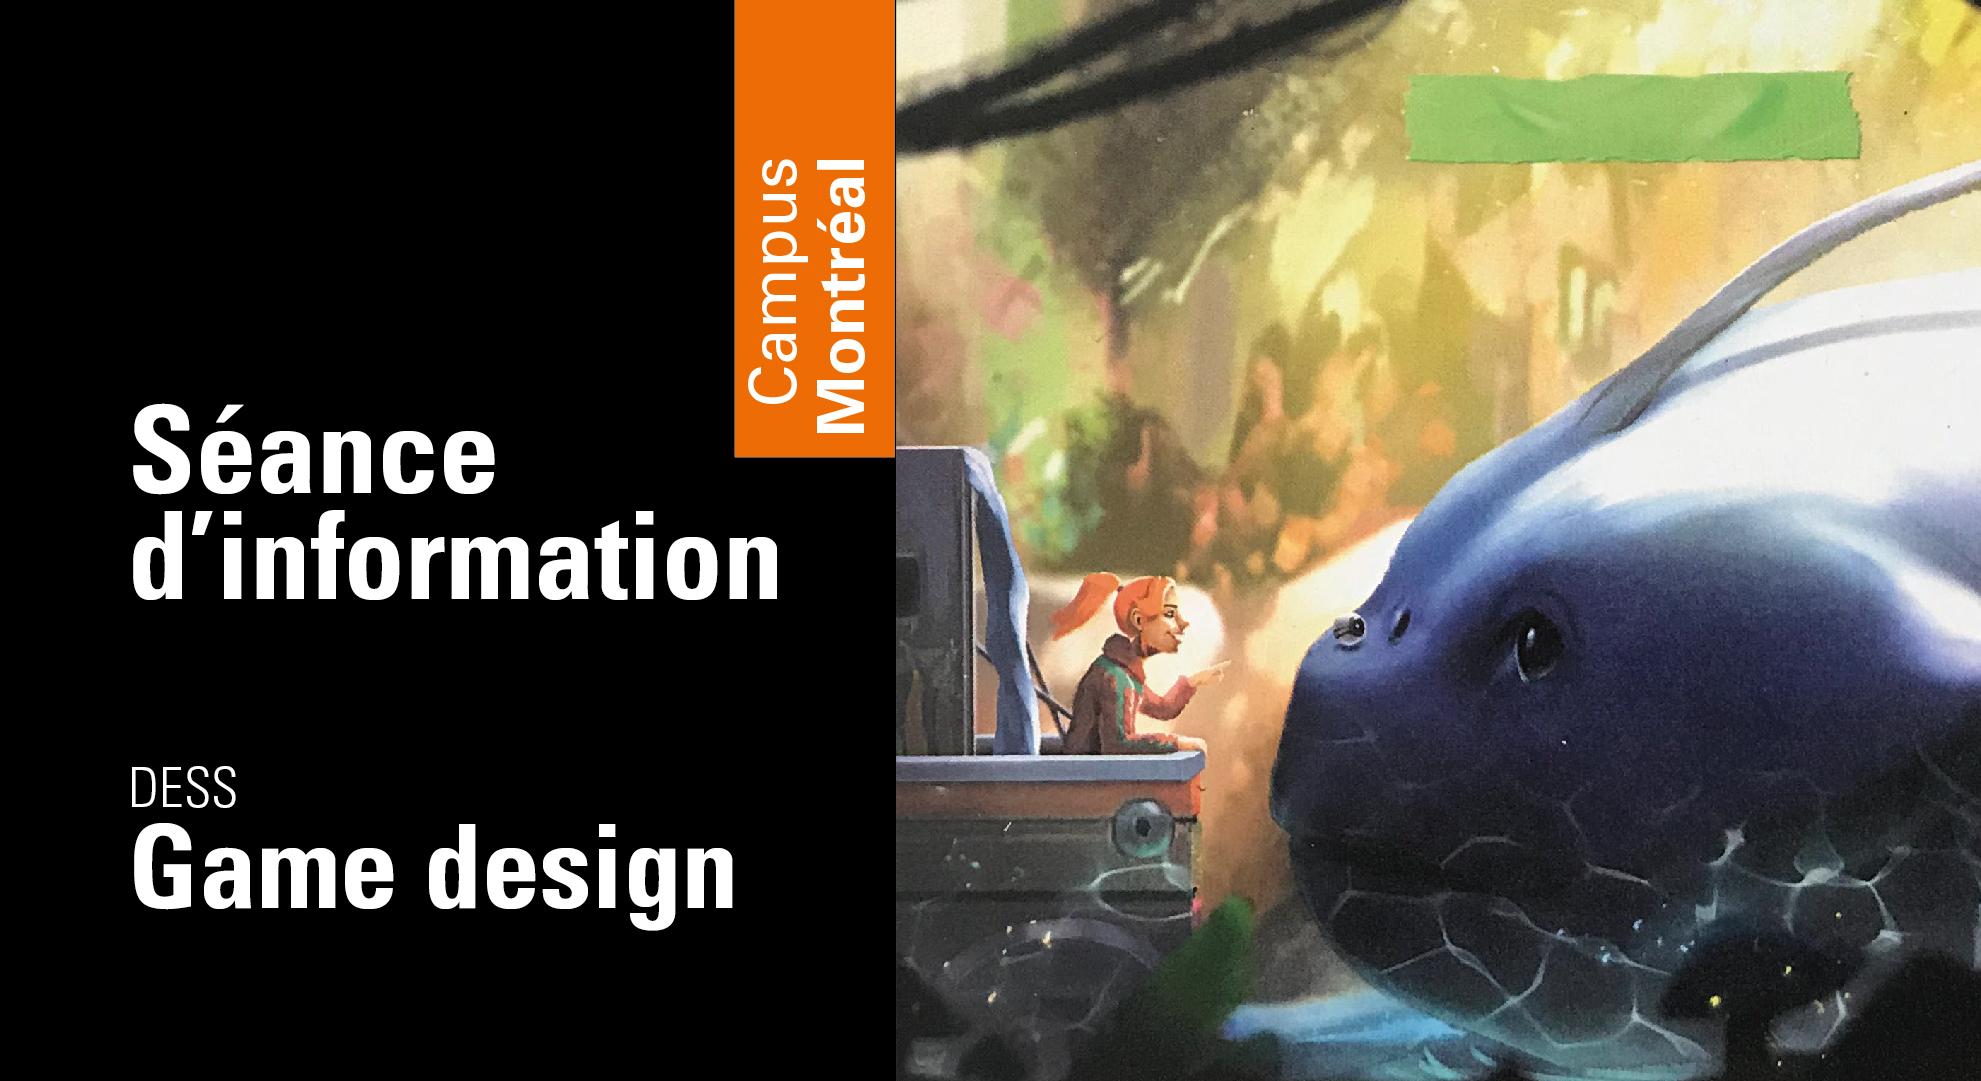 5@7 d'information | DESS en game design